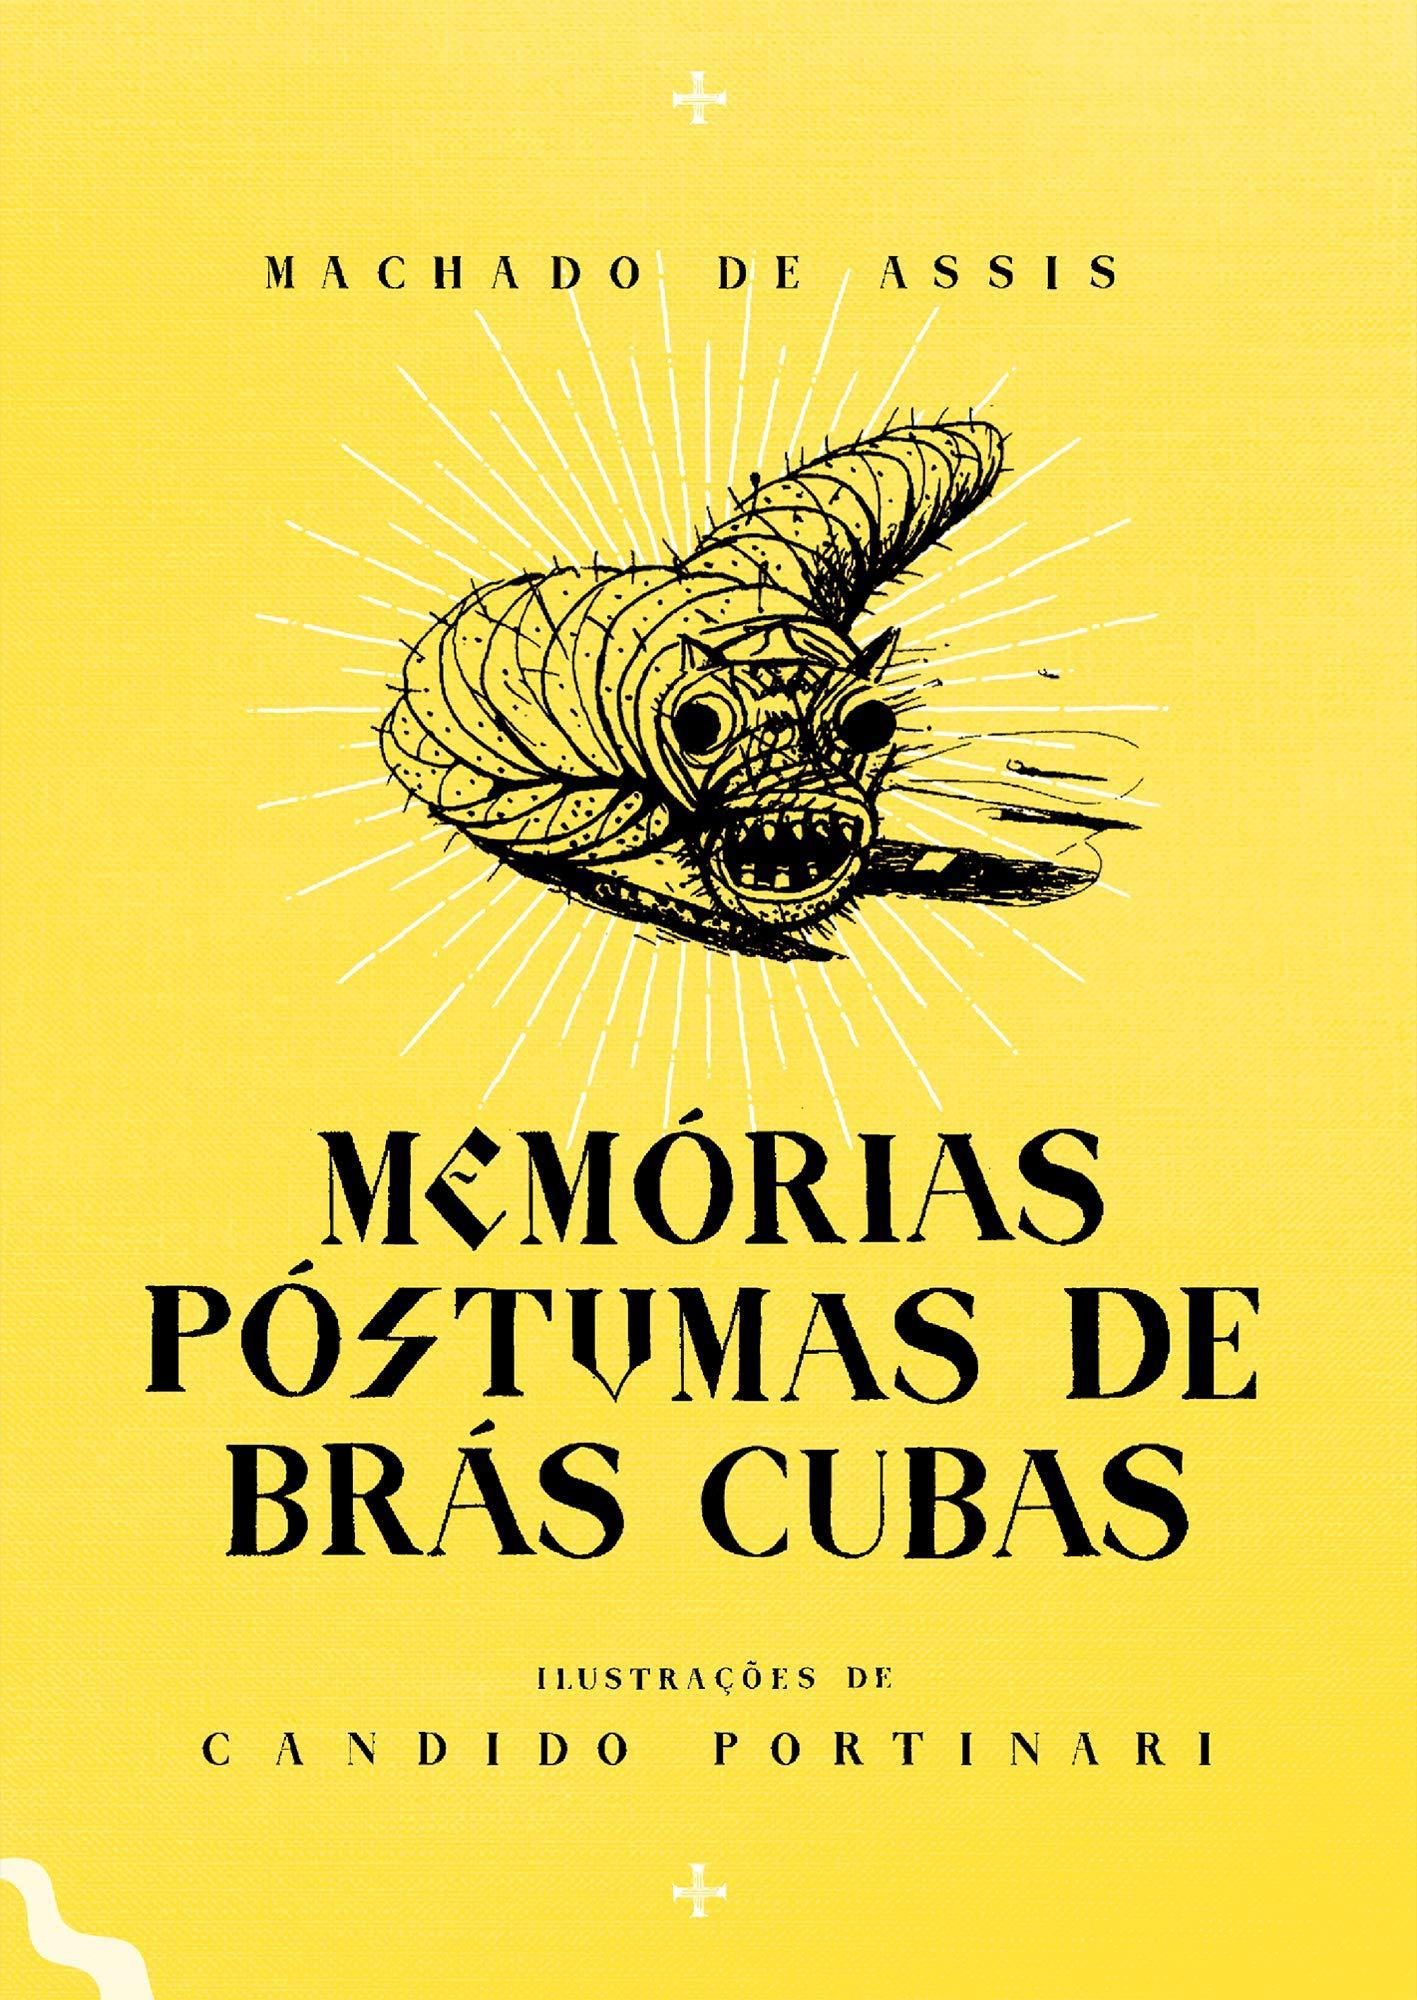 memorias_postumas